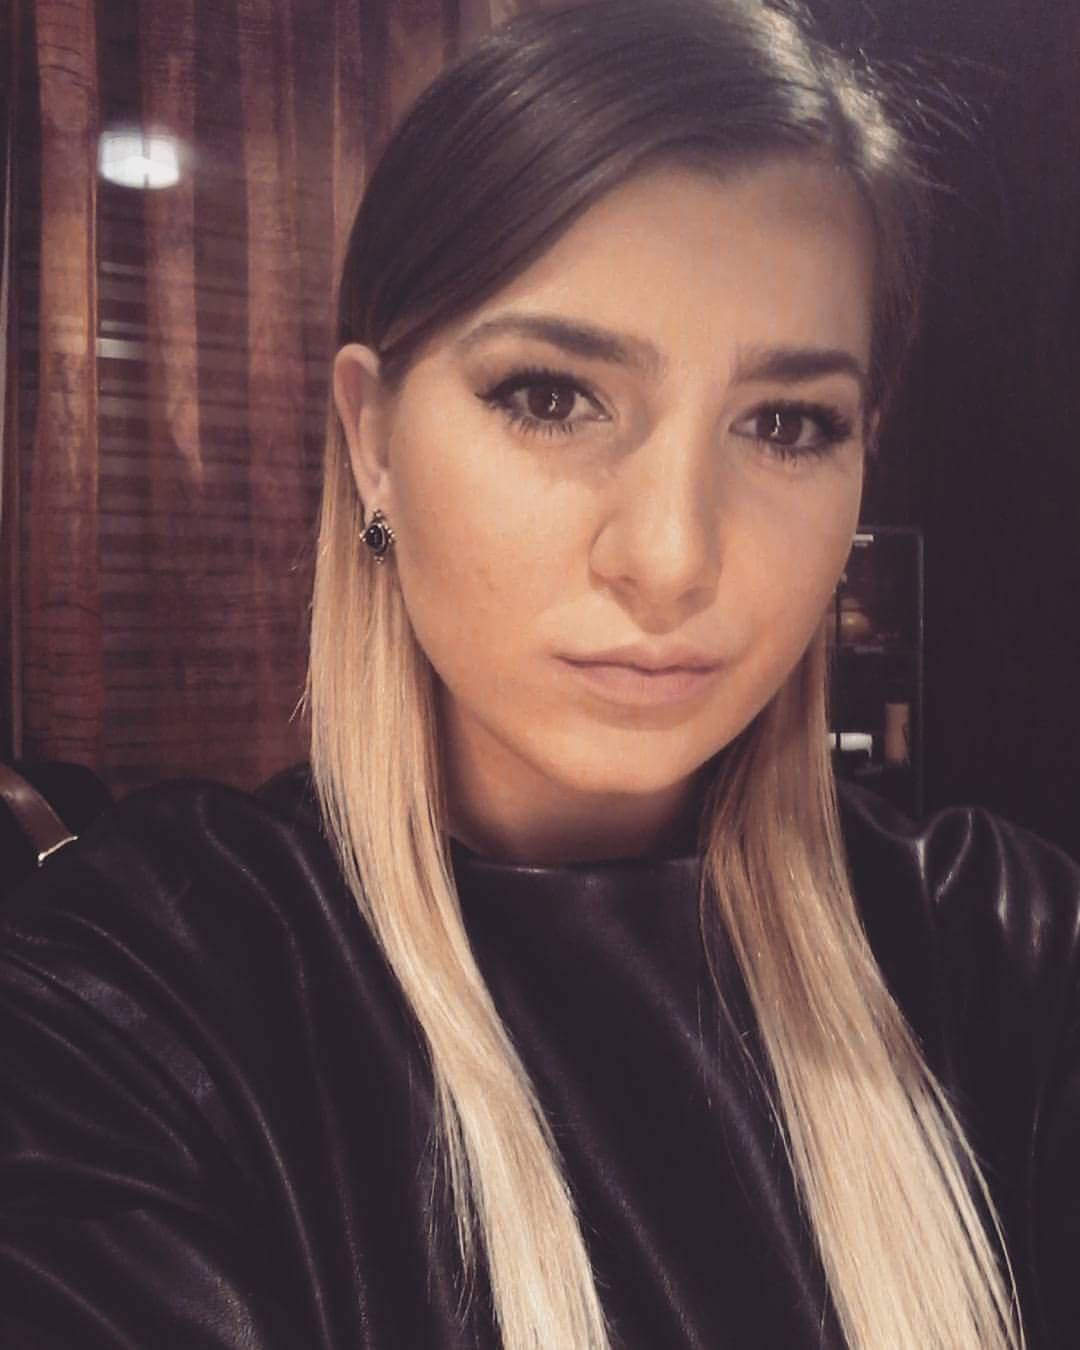 Financijski oglasnik. oš mladost split iskrica mod za gta san andreas ženska za seks